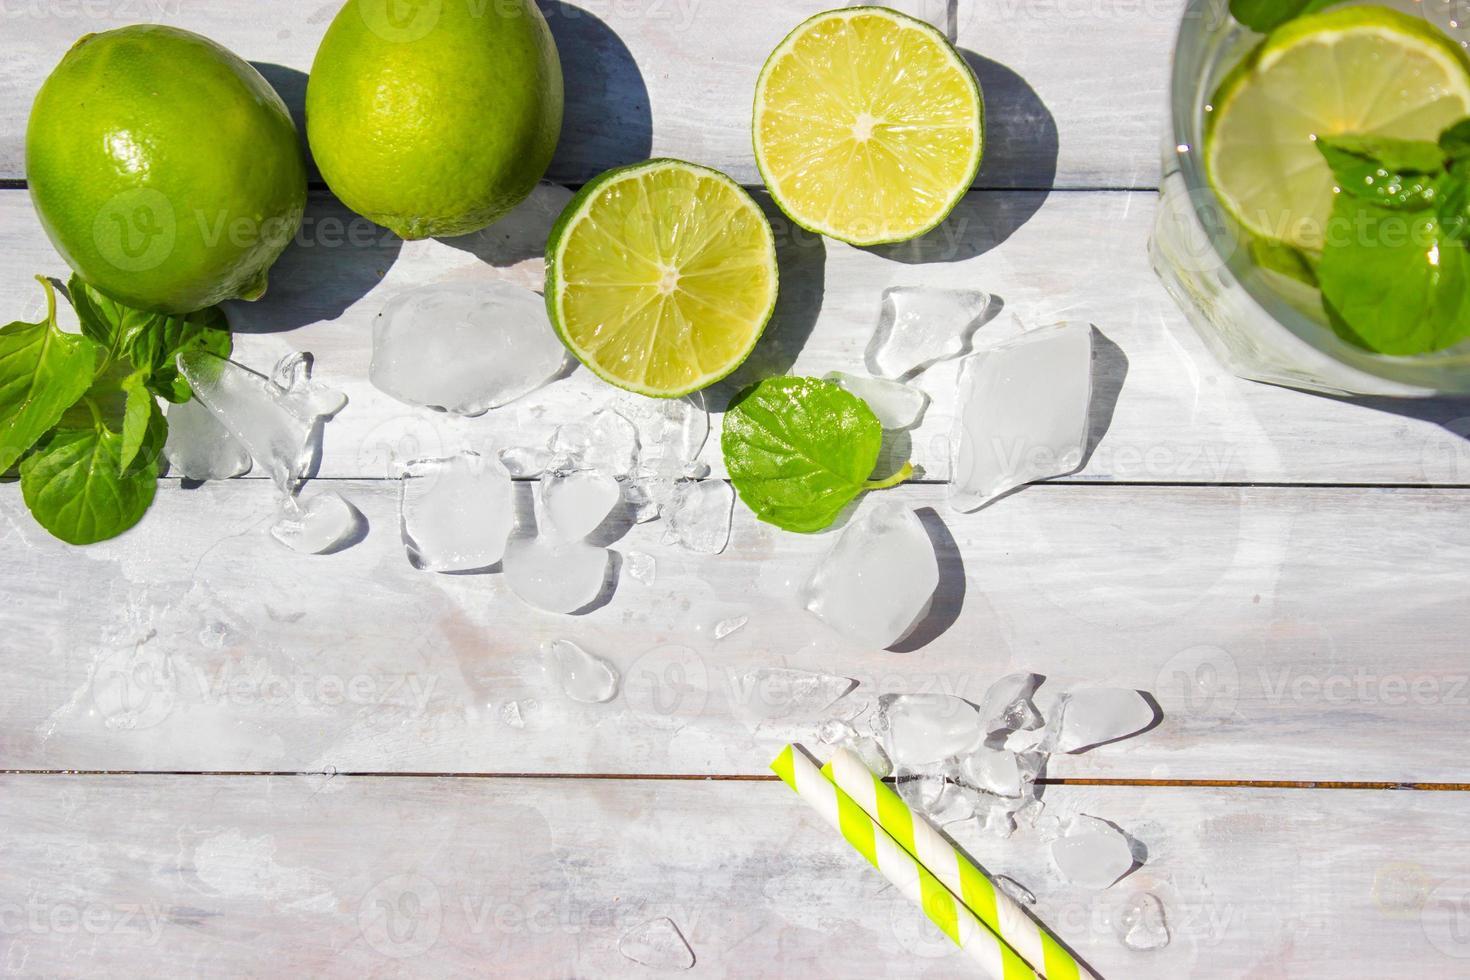 mojito e limão no fundo branco de madeira foto